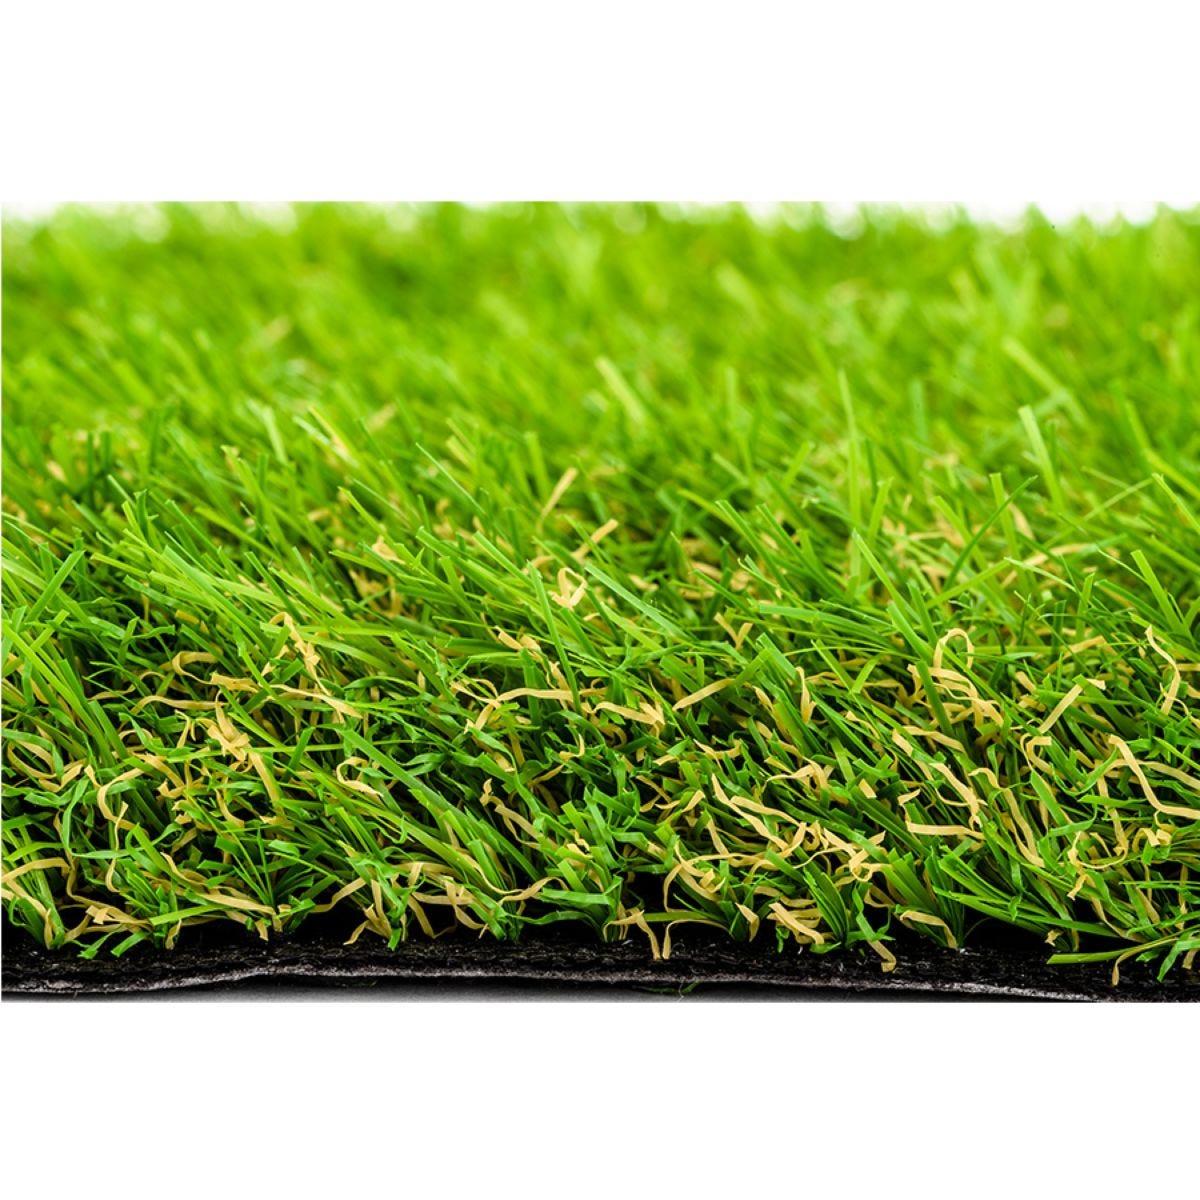 Belair Artificial Grass - 2 x 23m